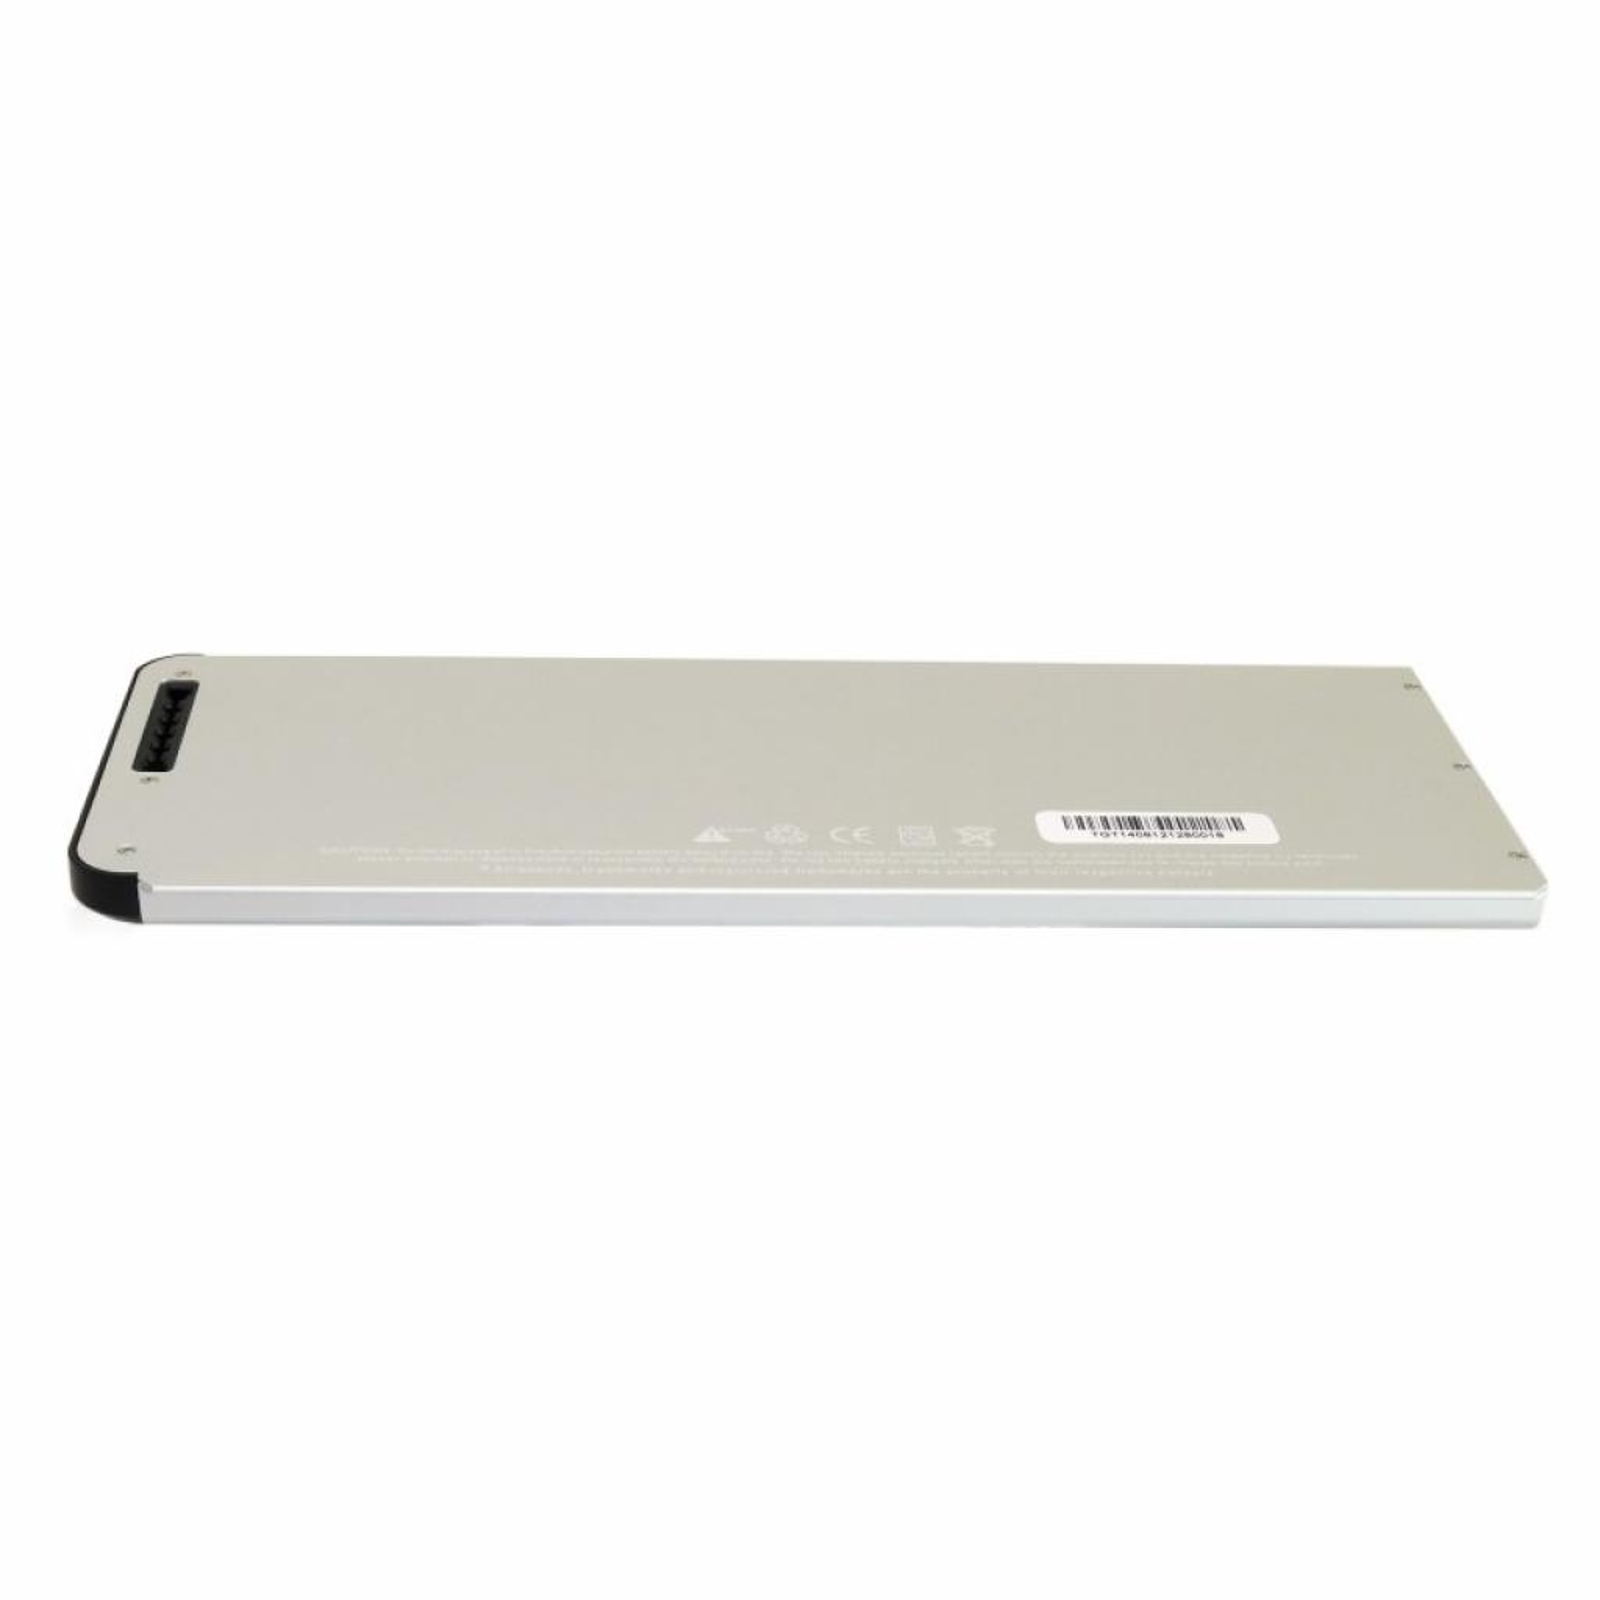 Аккумулятор для ноутбука APPLE A1280 (5000 mAh) EXTRADIGITAL (BNA3902) изображение 3